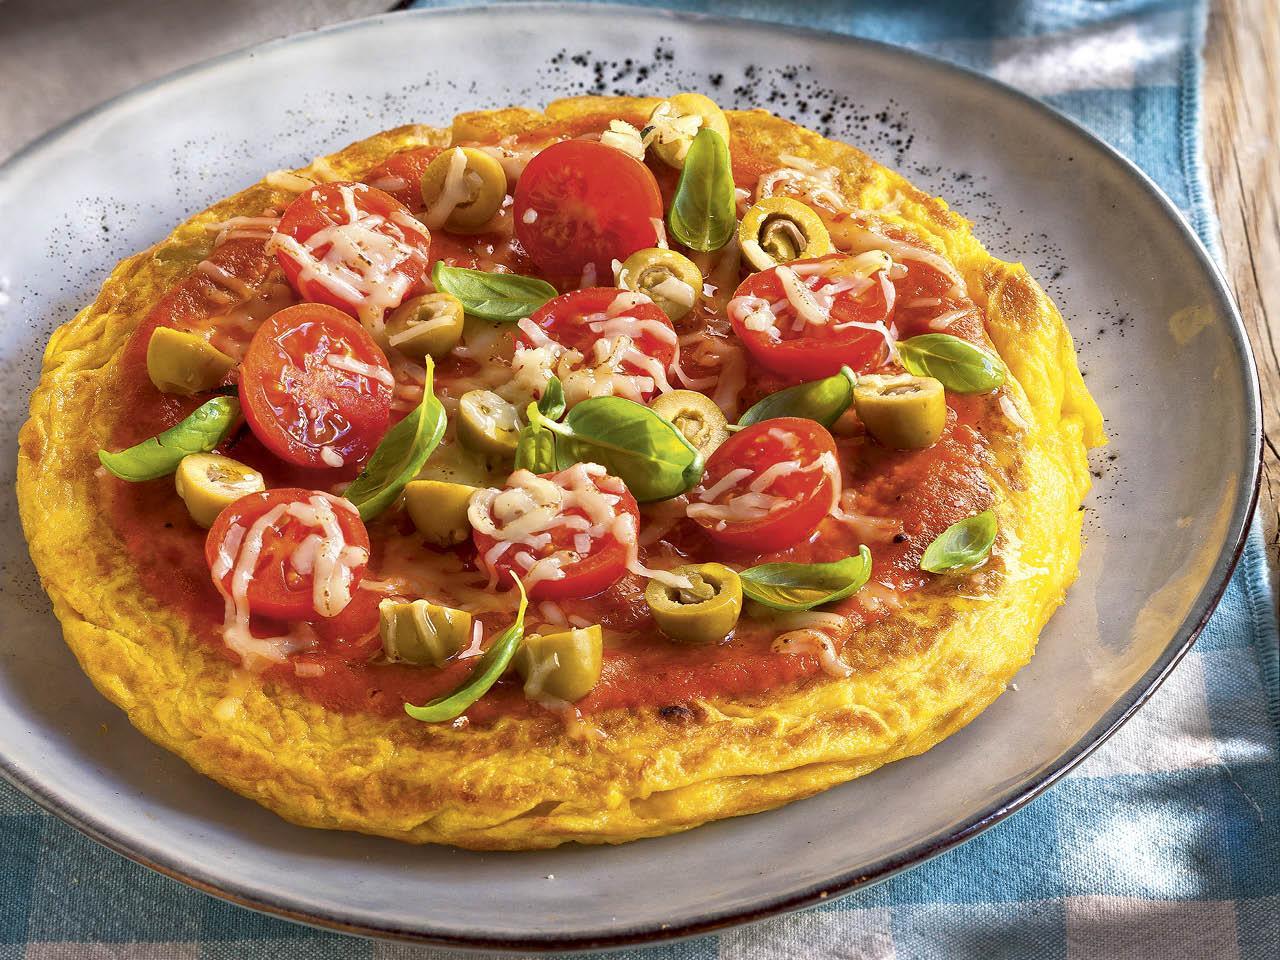 que comer hoy tortilla pizza tomate aceitunas